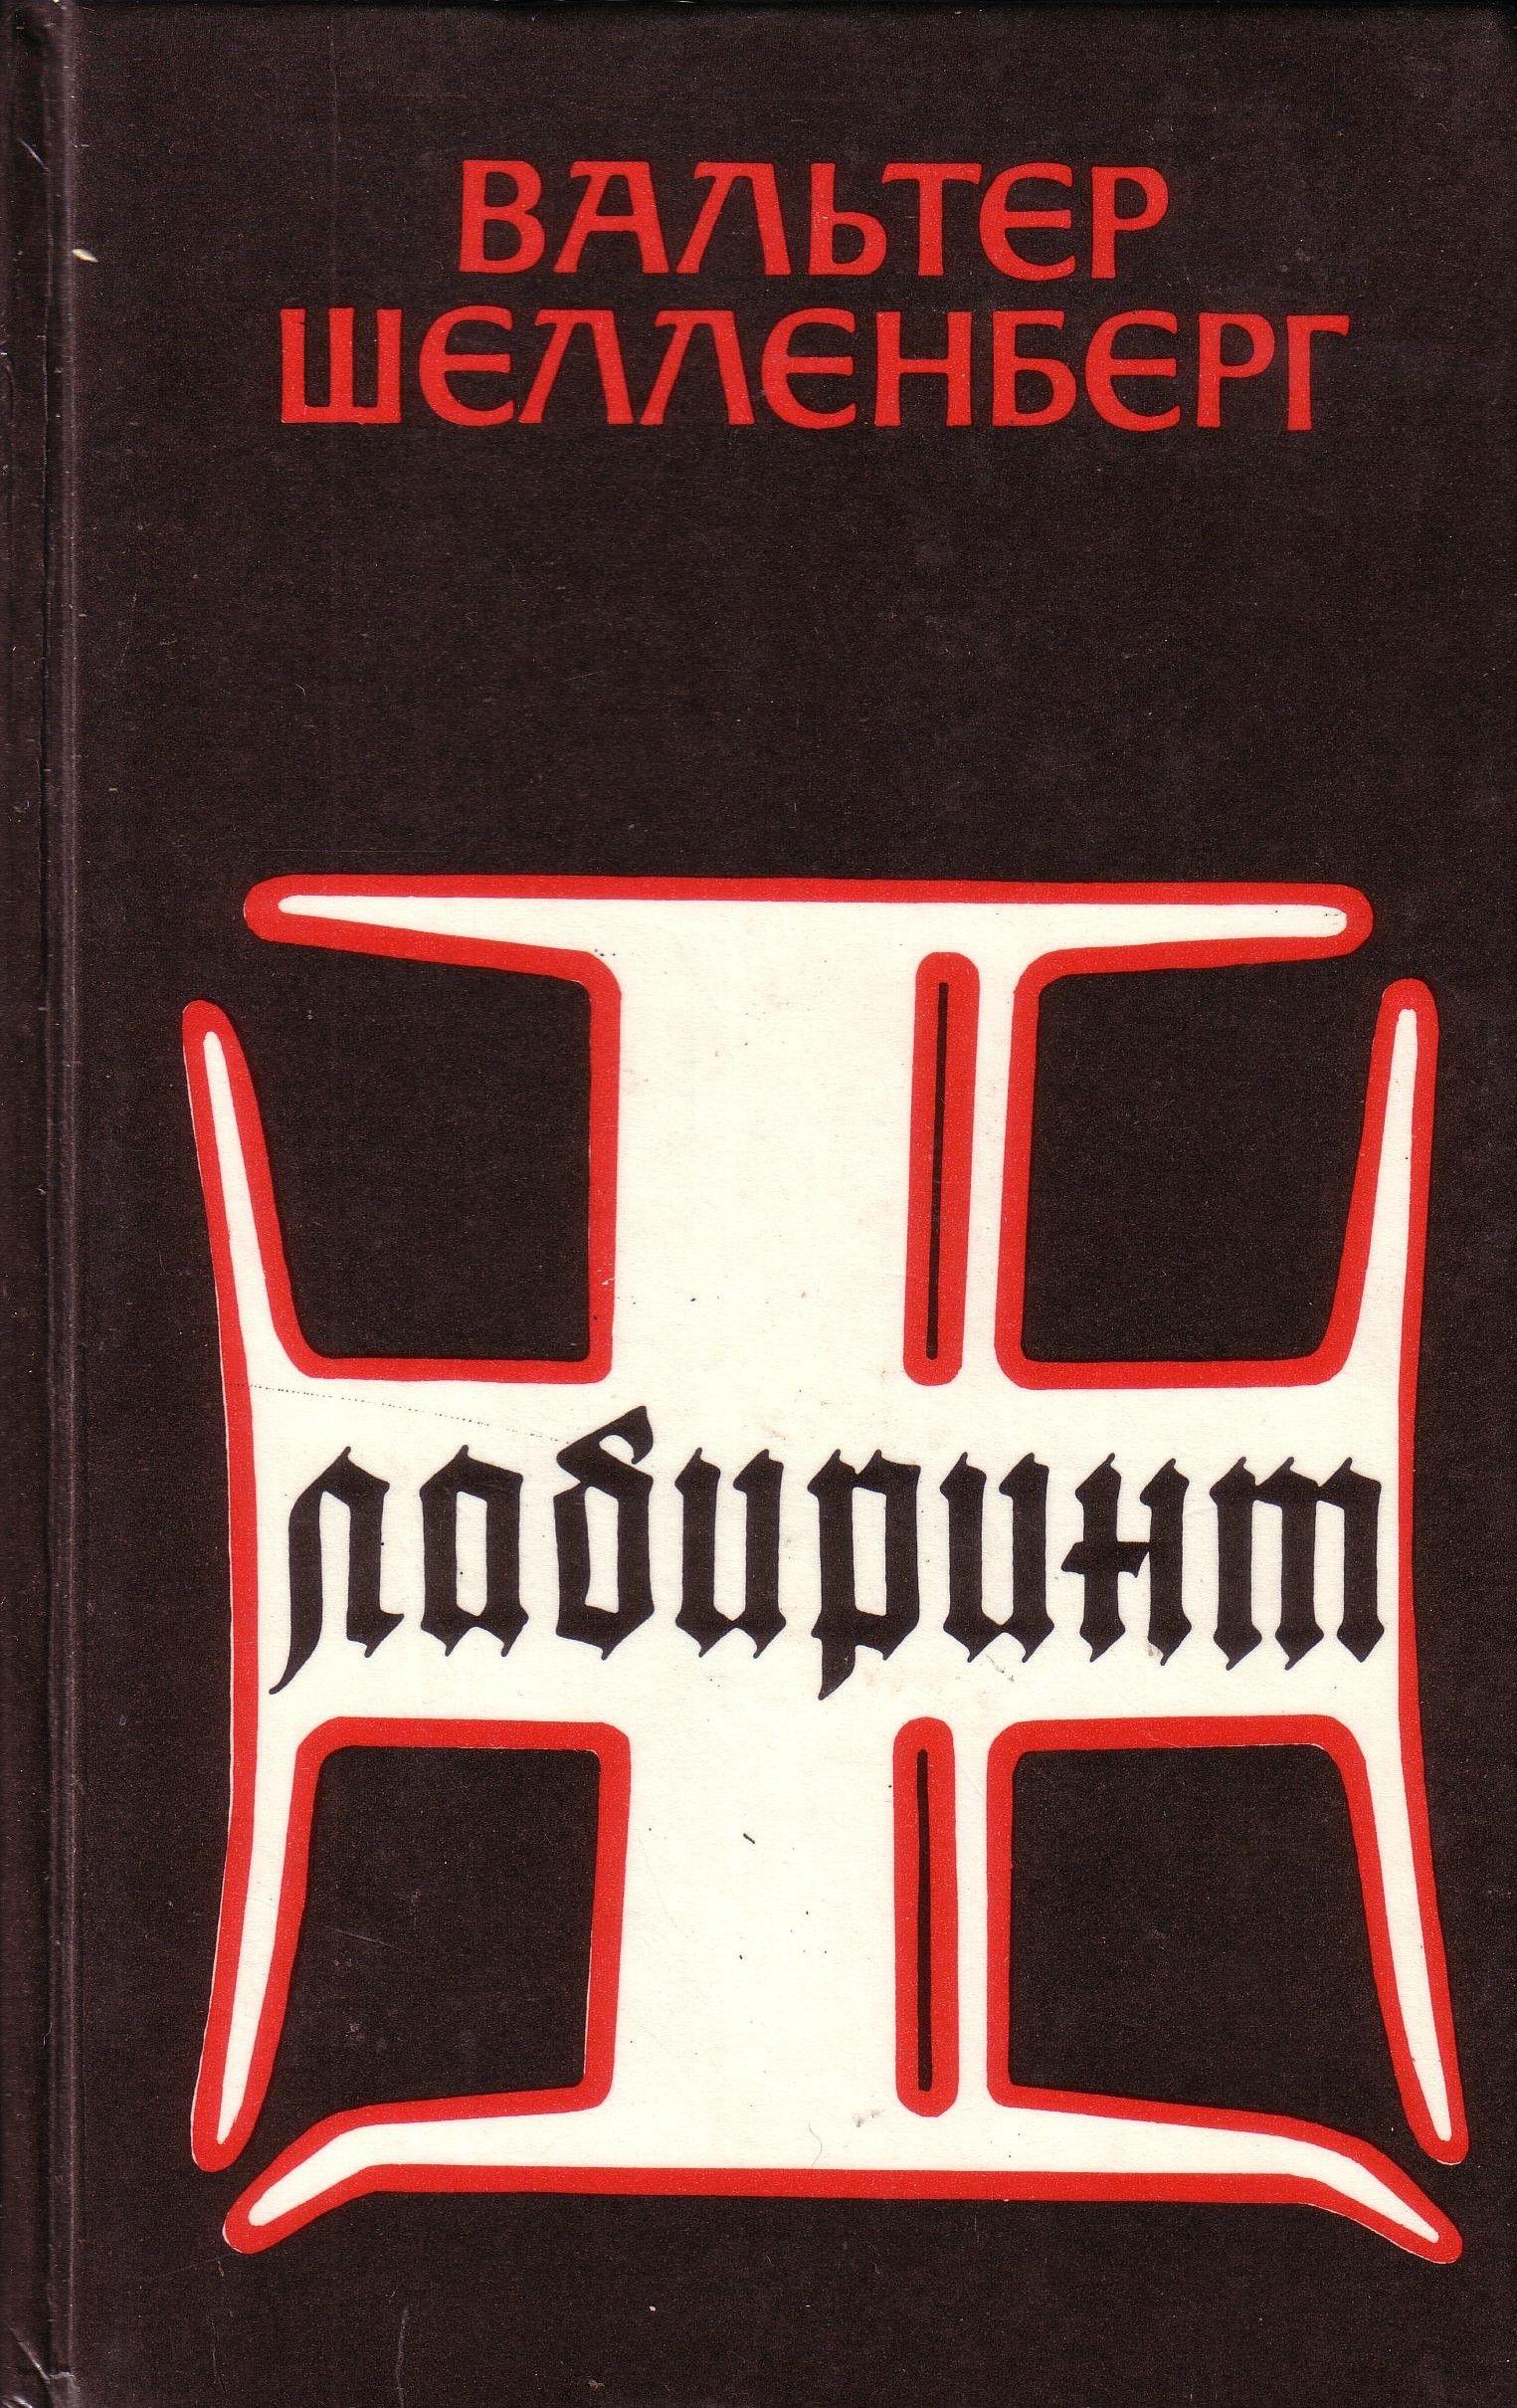 Вальтер шелленберг лабиринт скачать fb2 Books